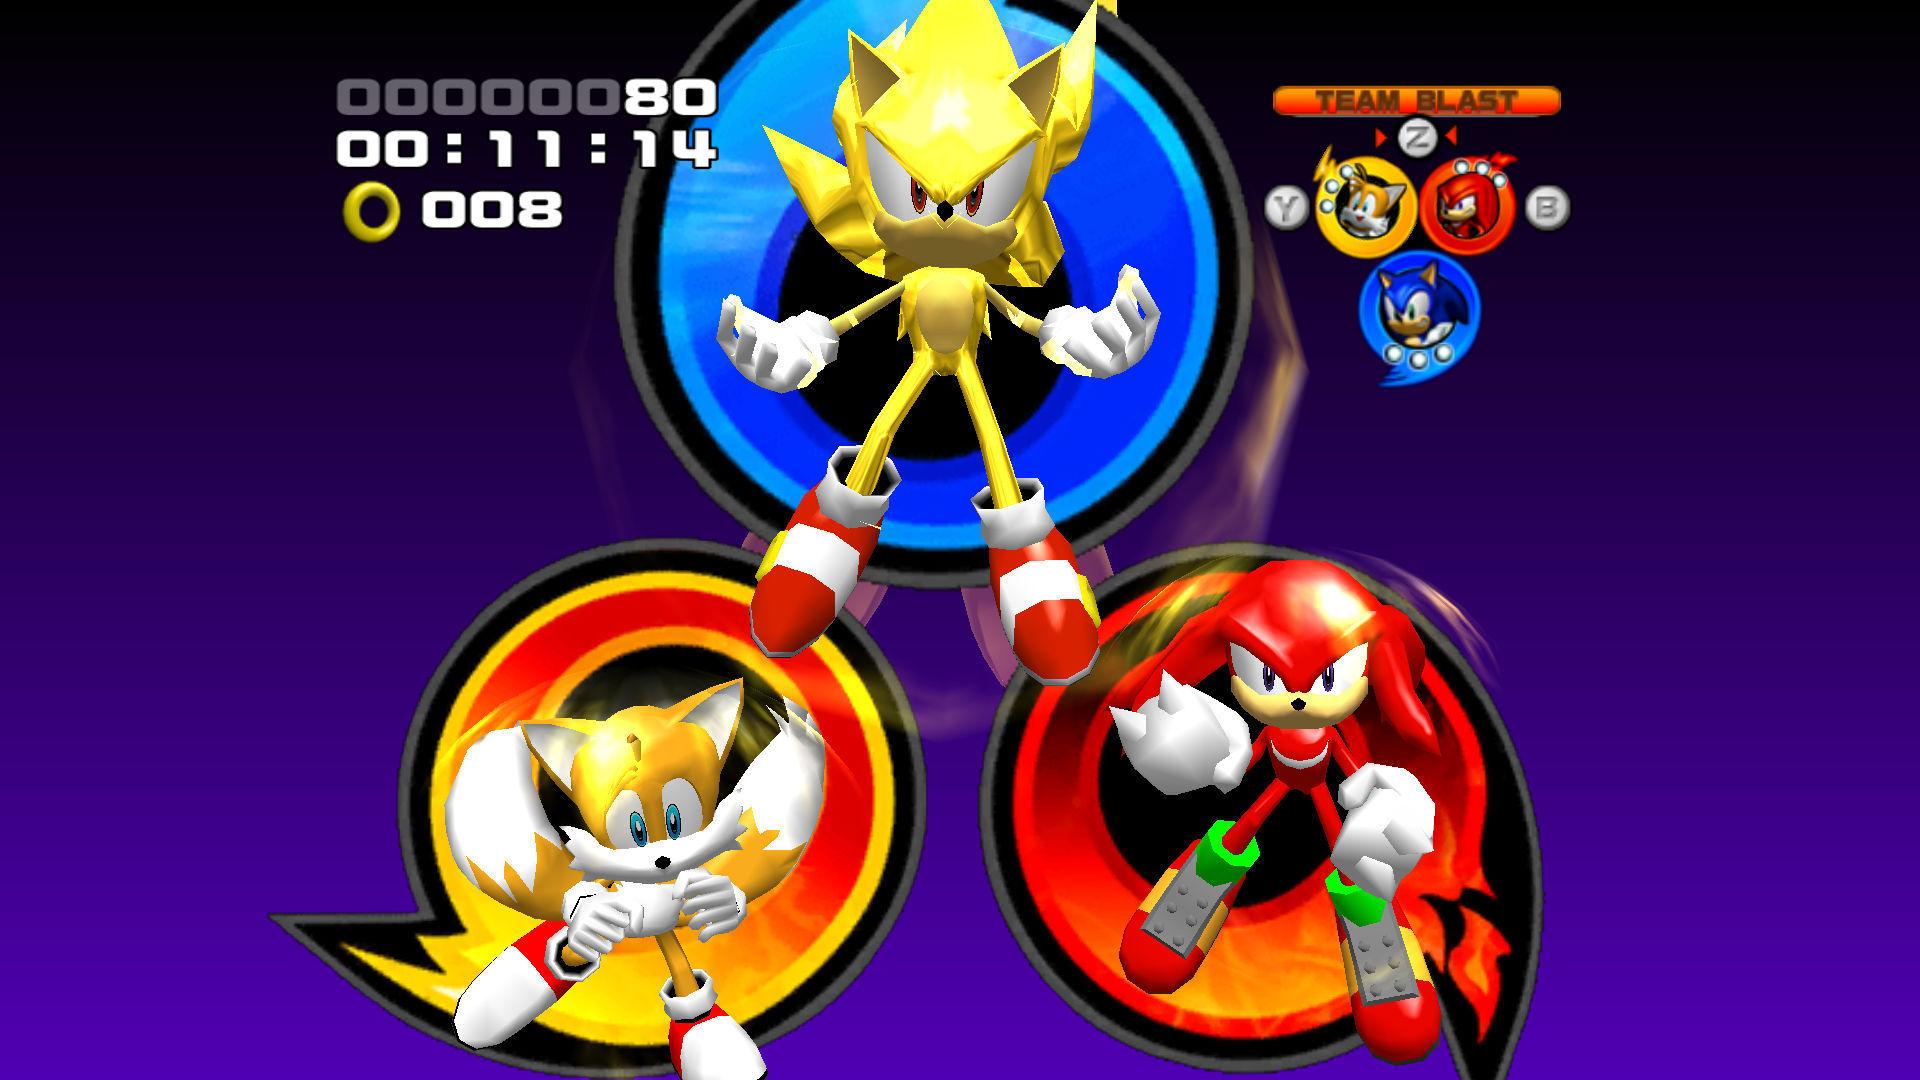 ¿Cuál de las siguiente canciones suena en el Final Boss del videojuego Sonic Heroes?